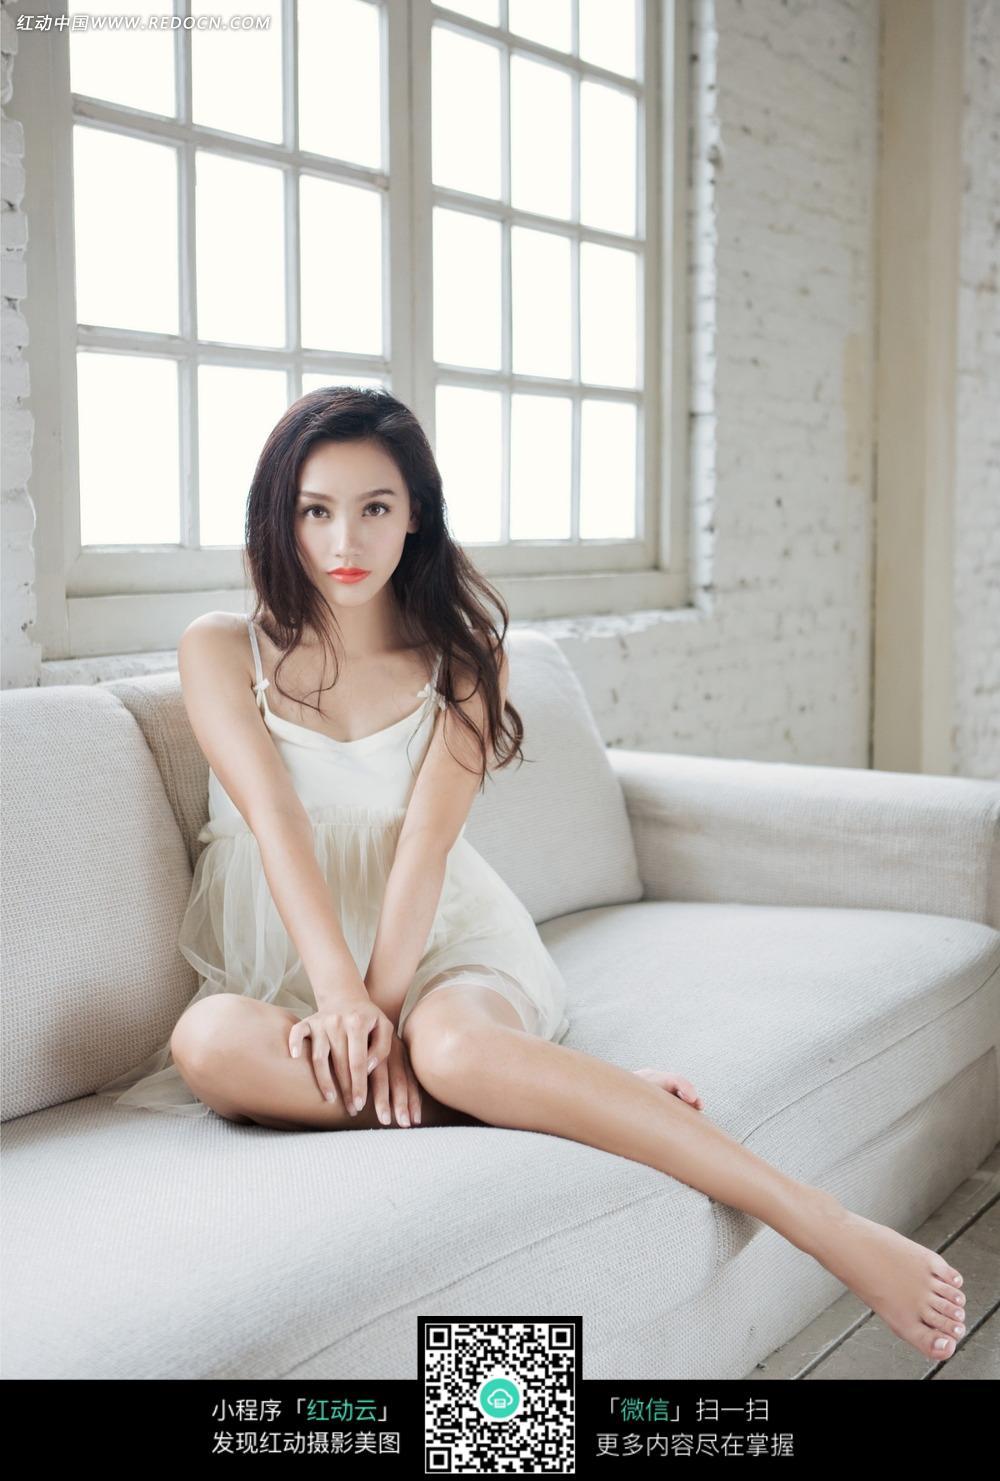 坐在沙发上的长发美女图片